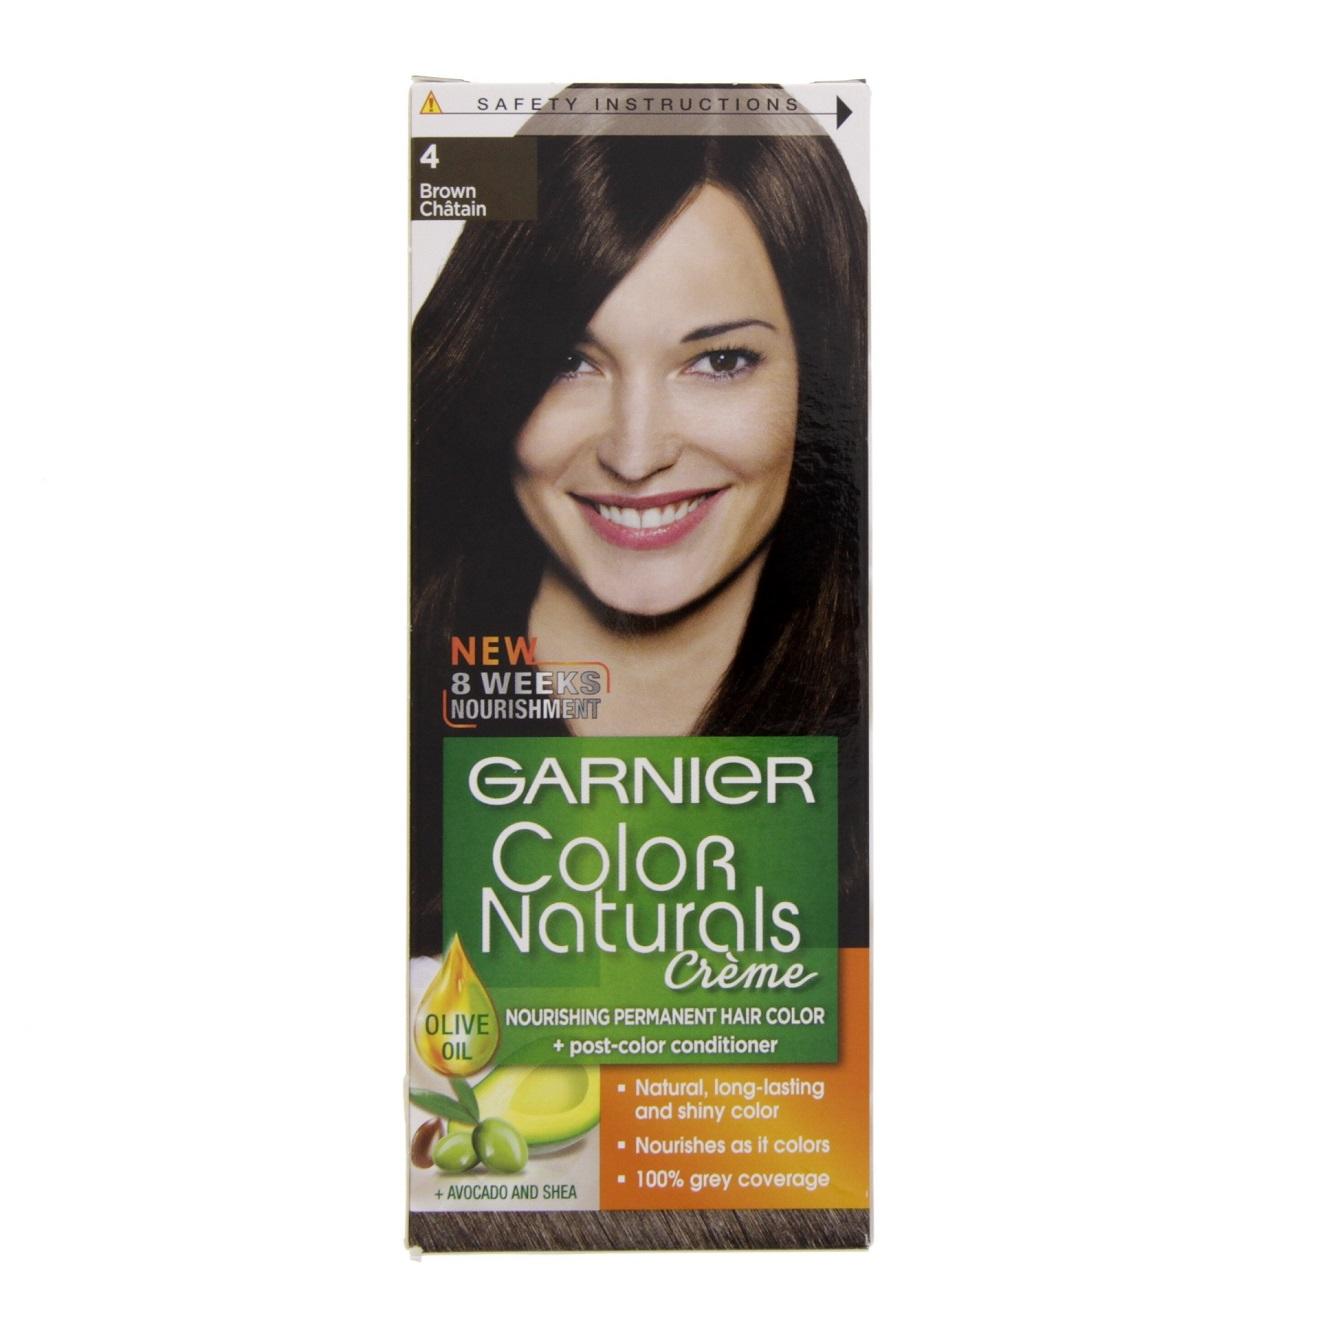 کیت رنگ مو گارنیر سری Color Naturals شماره 4